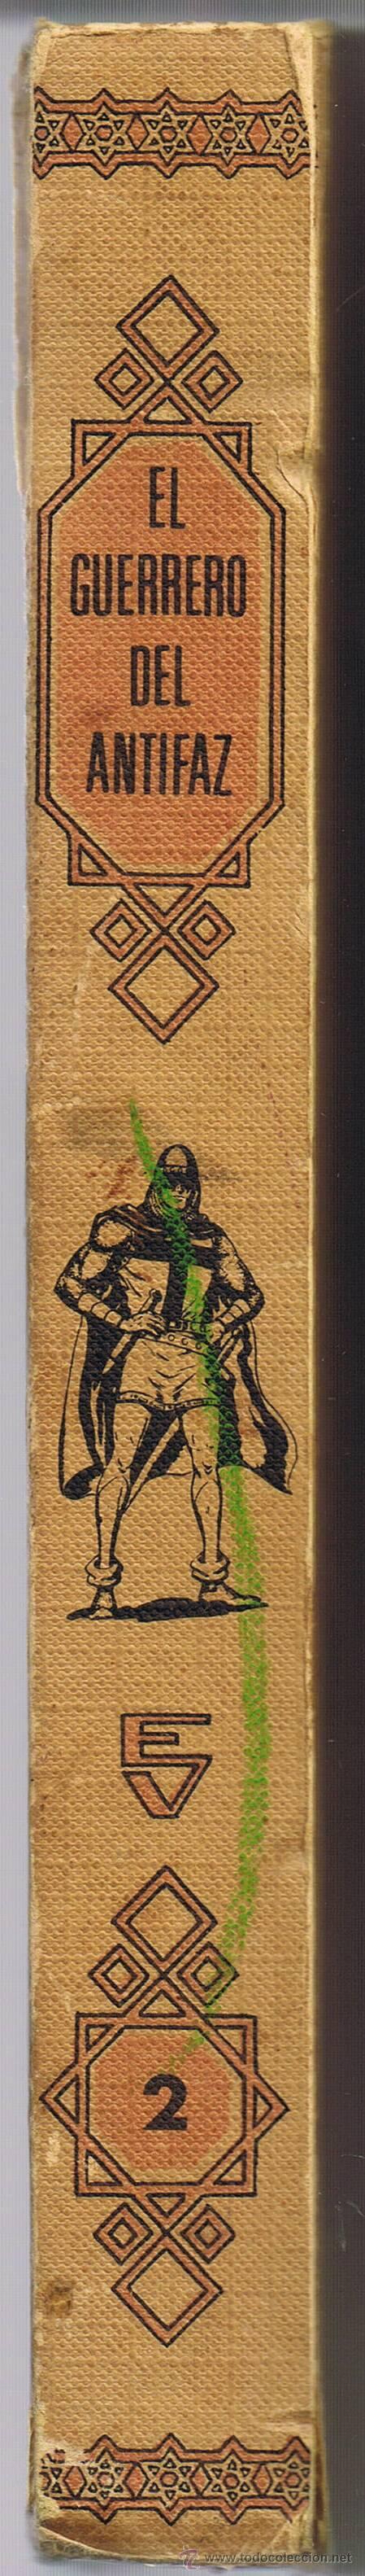 Tebeos: EL GUERRERO DEL ANTIFAZ - TOMOS 1 - 2 - 3 - 4 - 5 - 6 - EDIT VALENCIANA - 1972 - - Foto 8 - 42932207